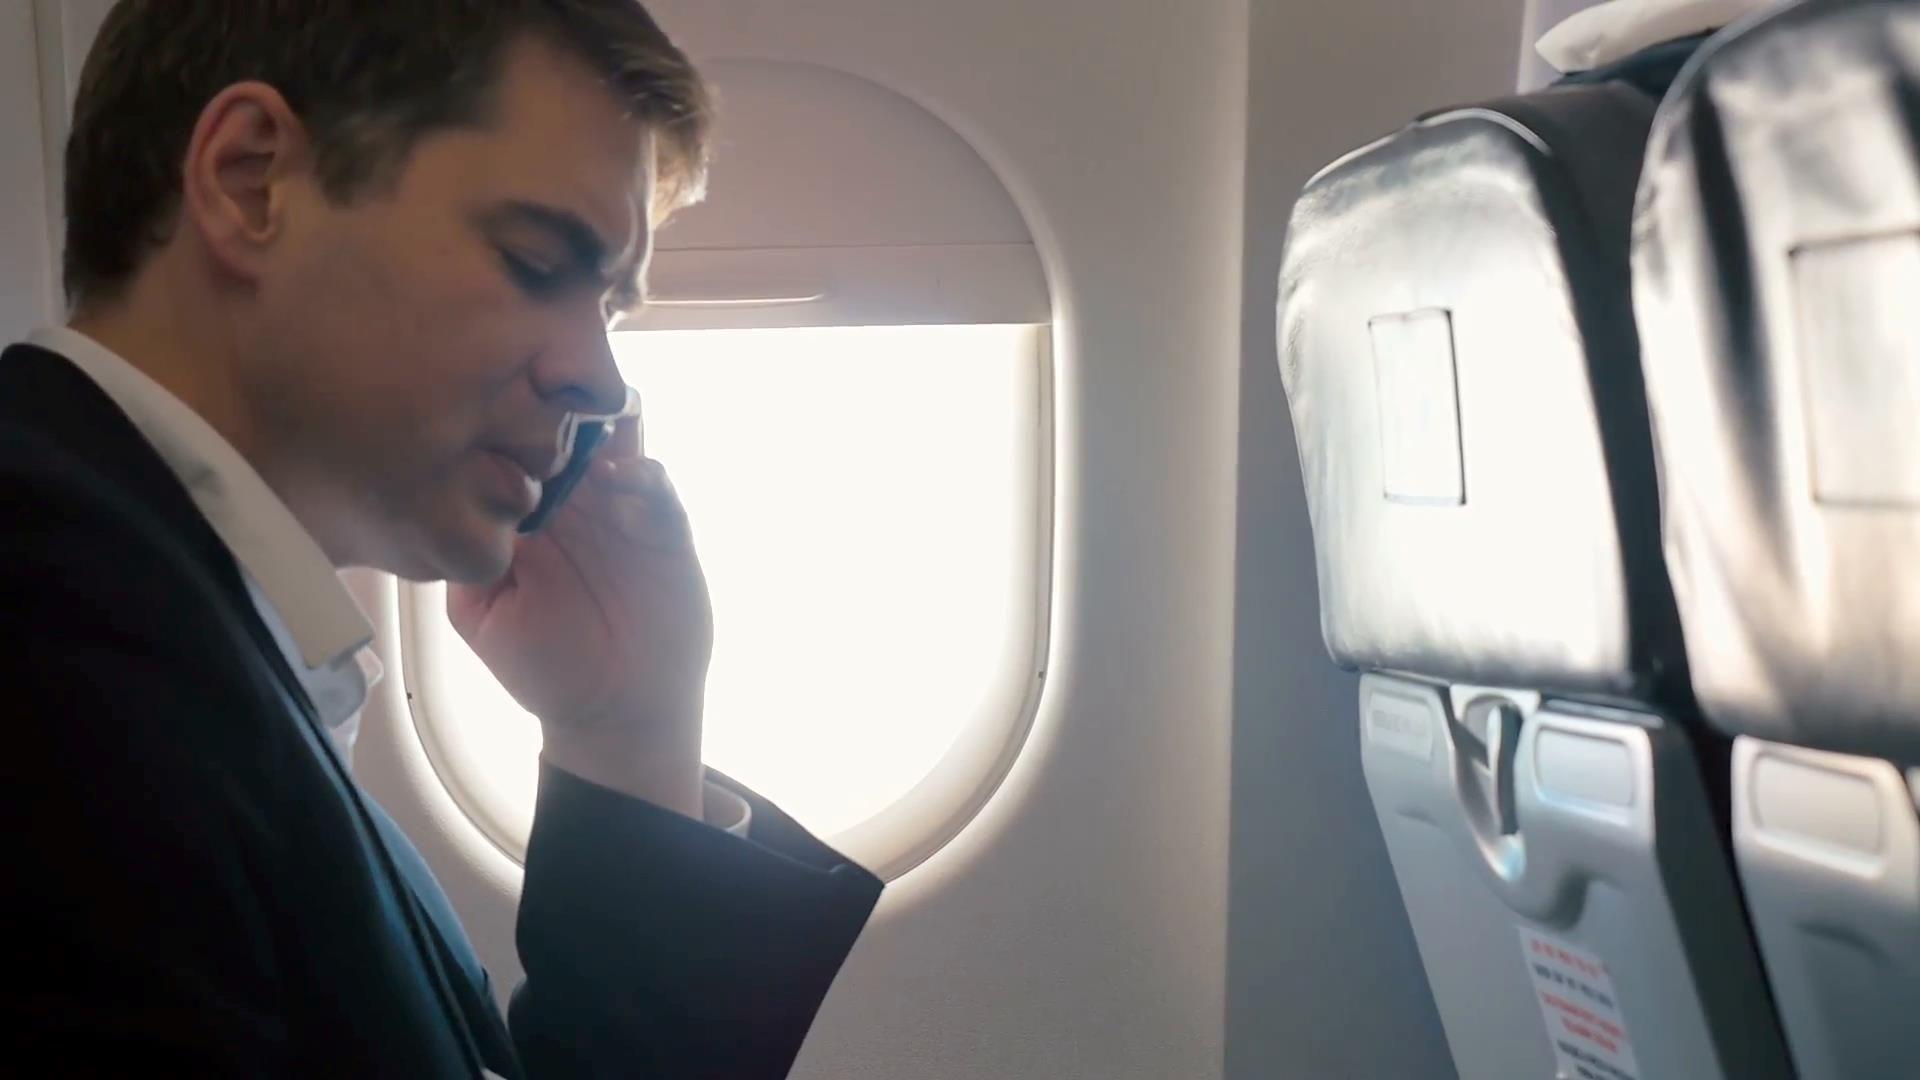 Llamadas telefónicas en el avión. ¿Sí o no?